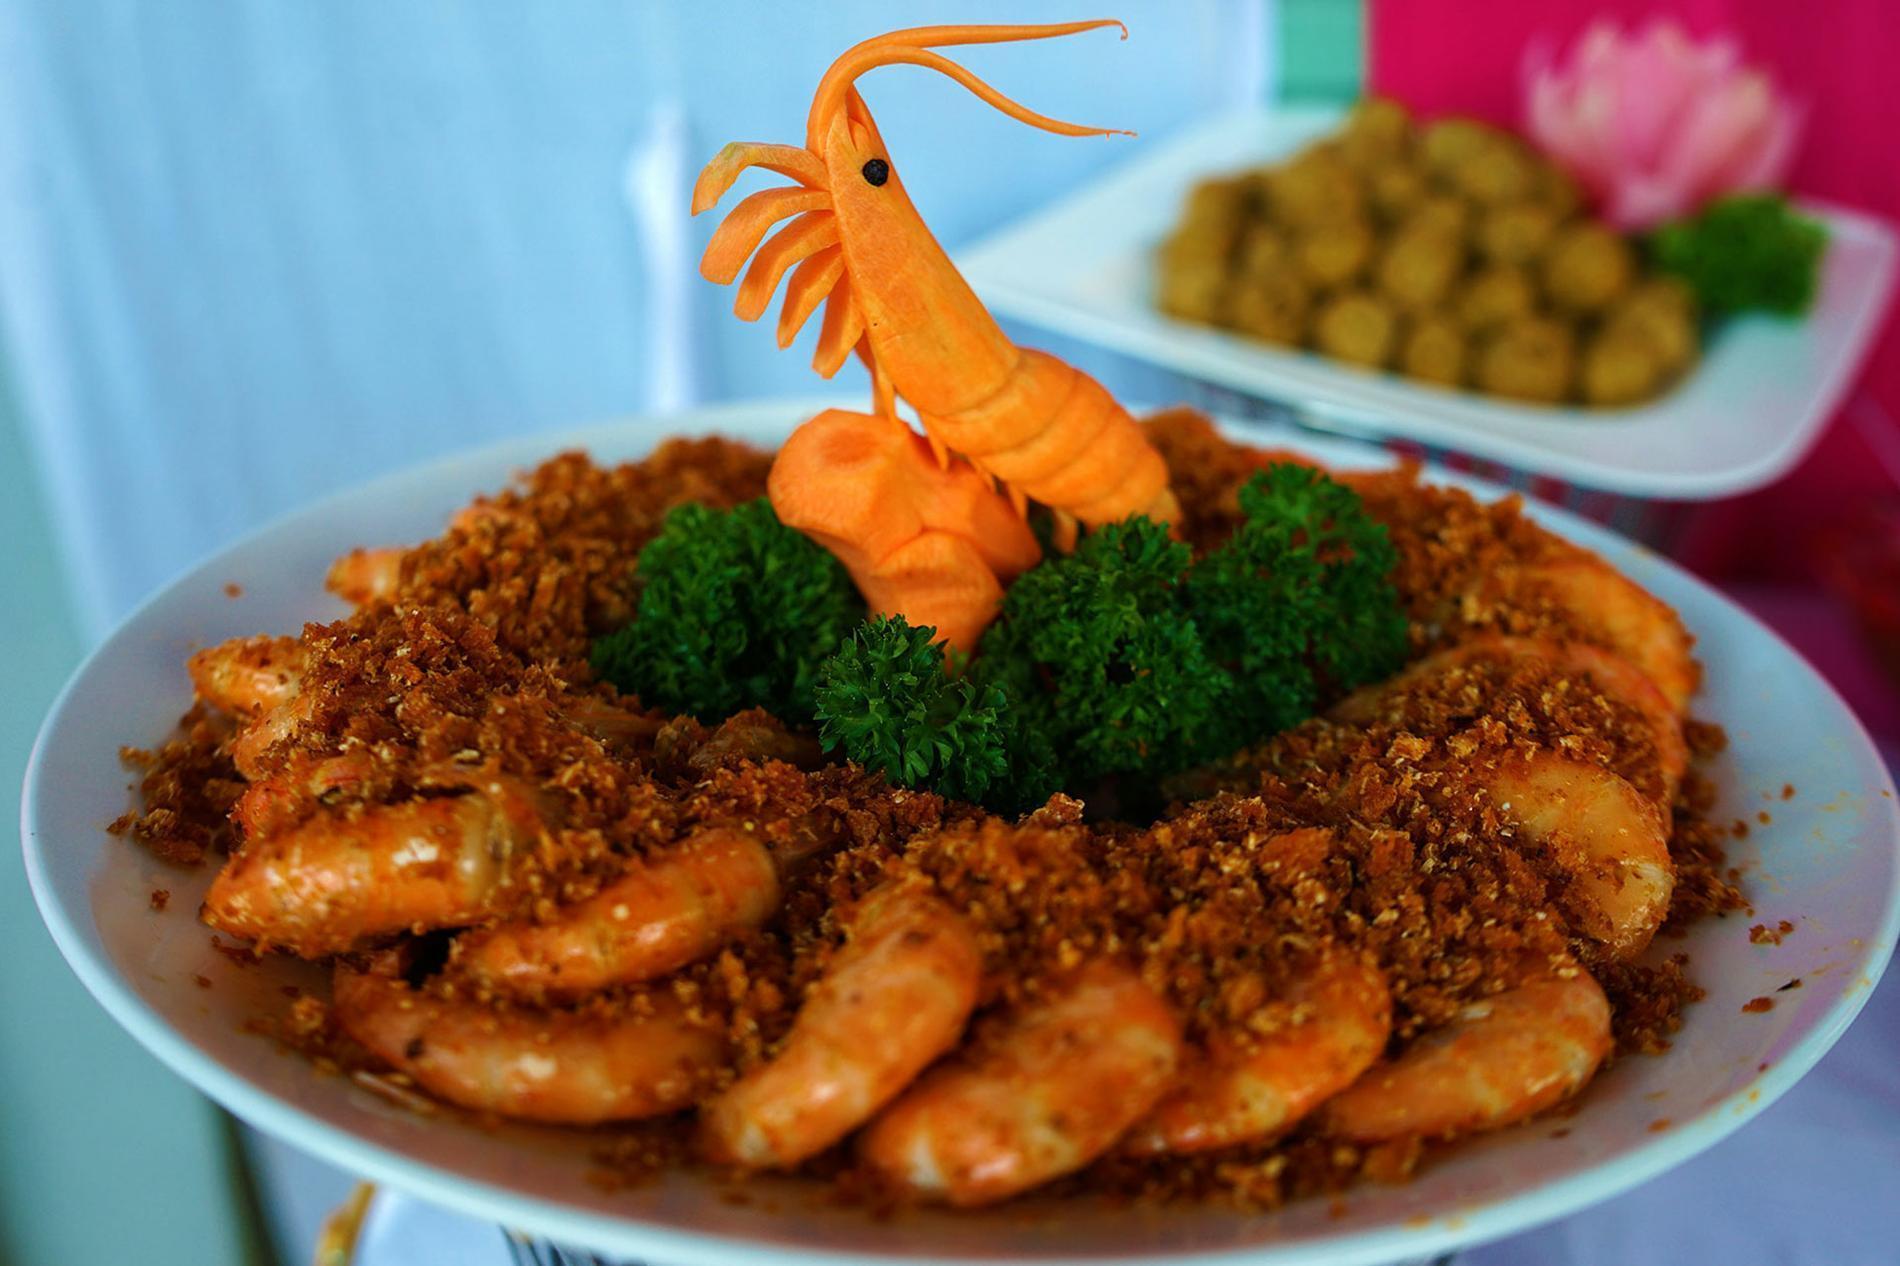 Làm món tôm chiên thập cẩm ăn là mê | Dịch vụ nấu cỗ quận 5